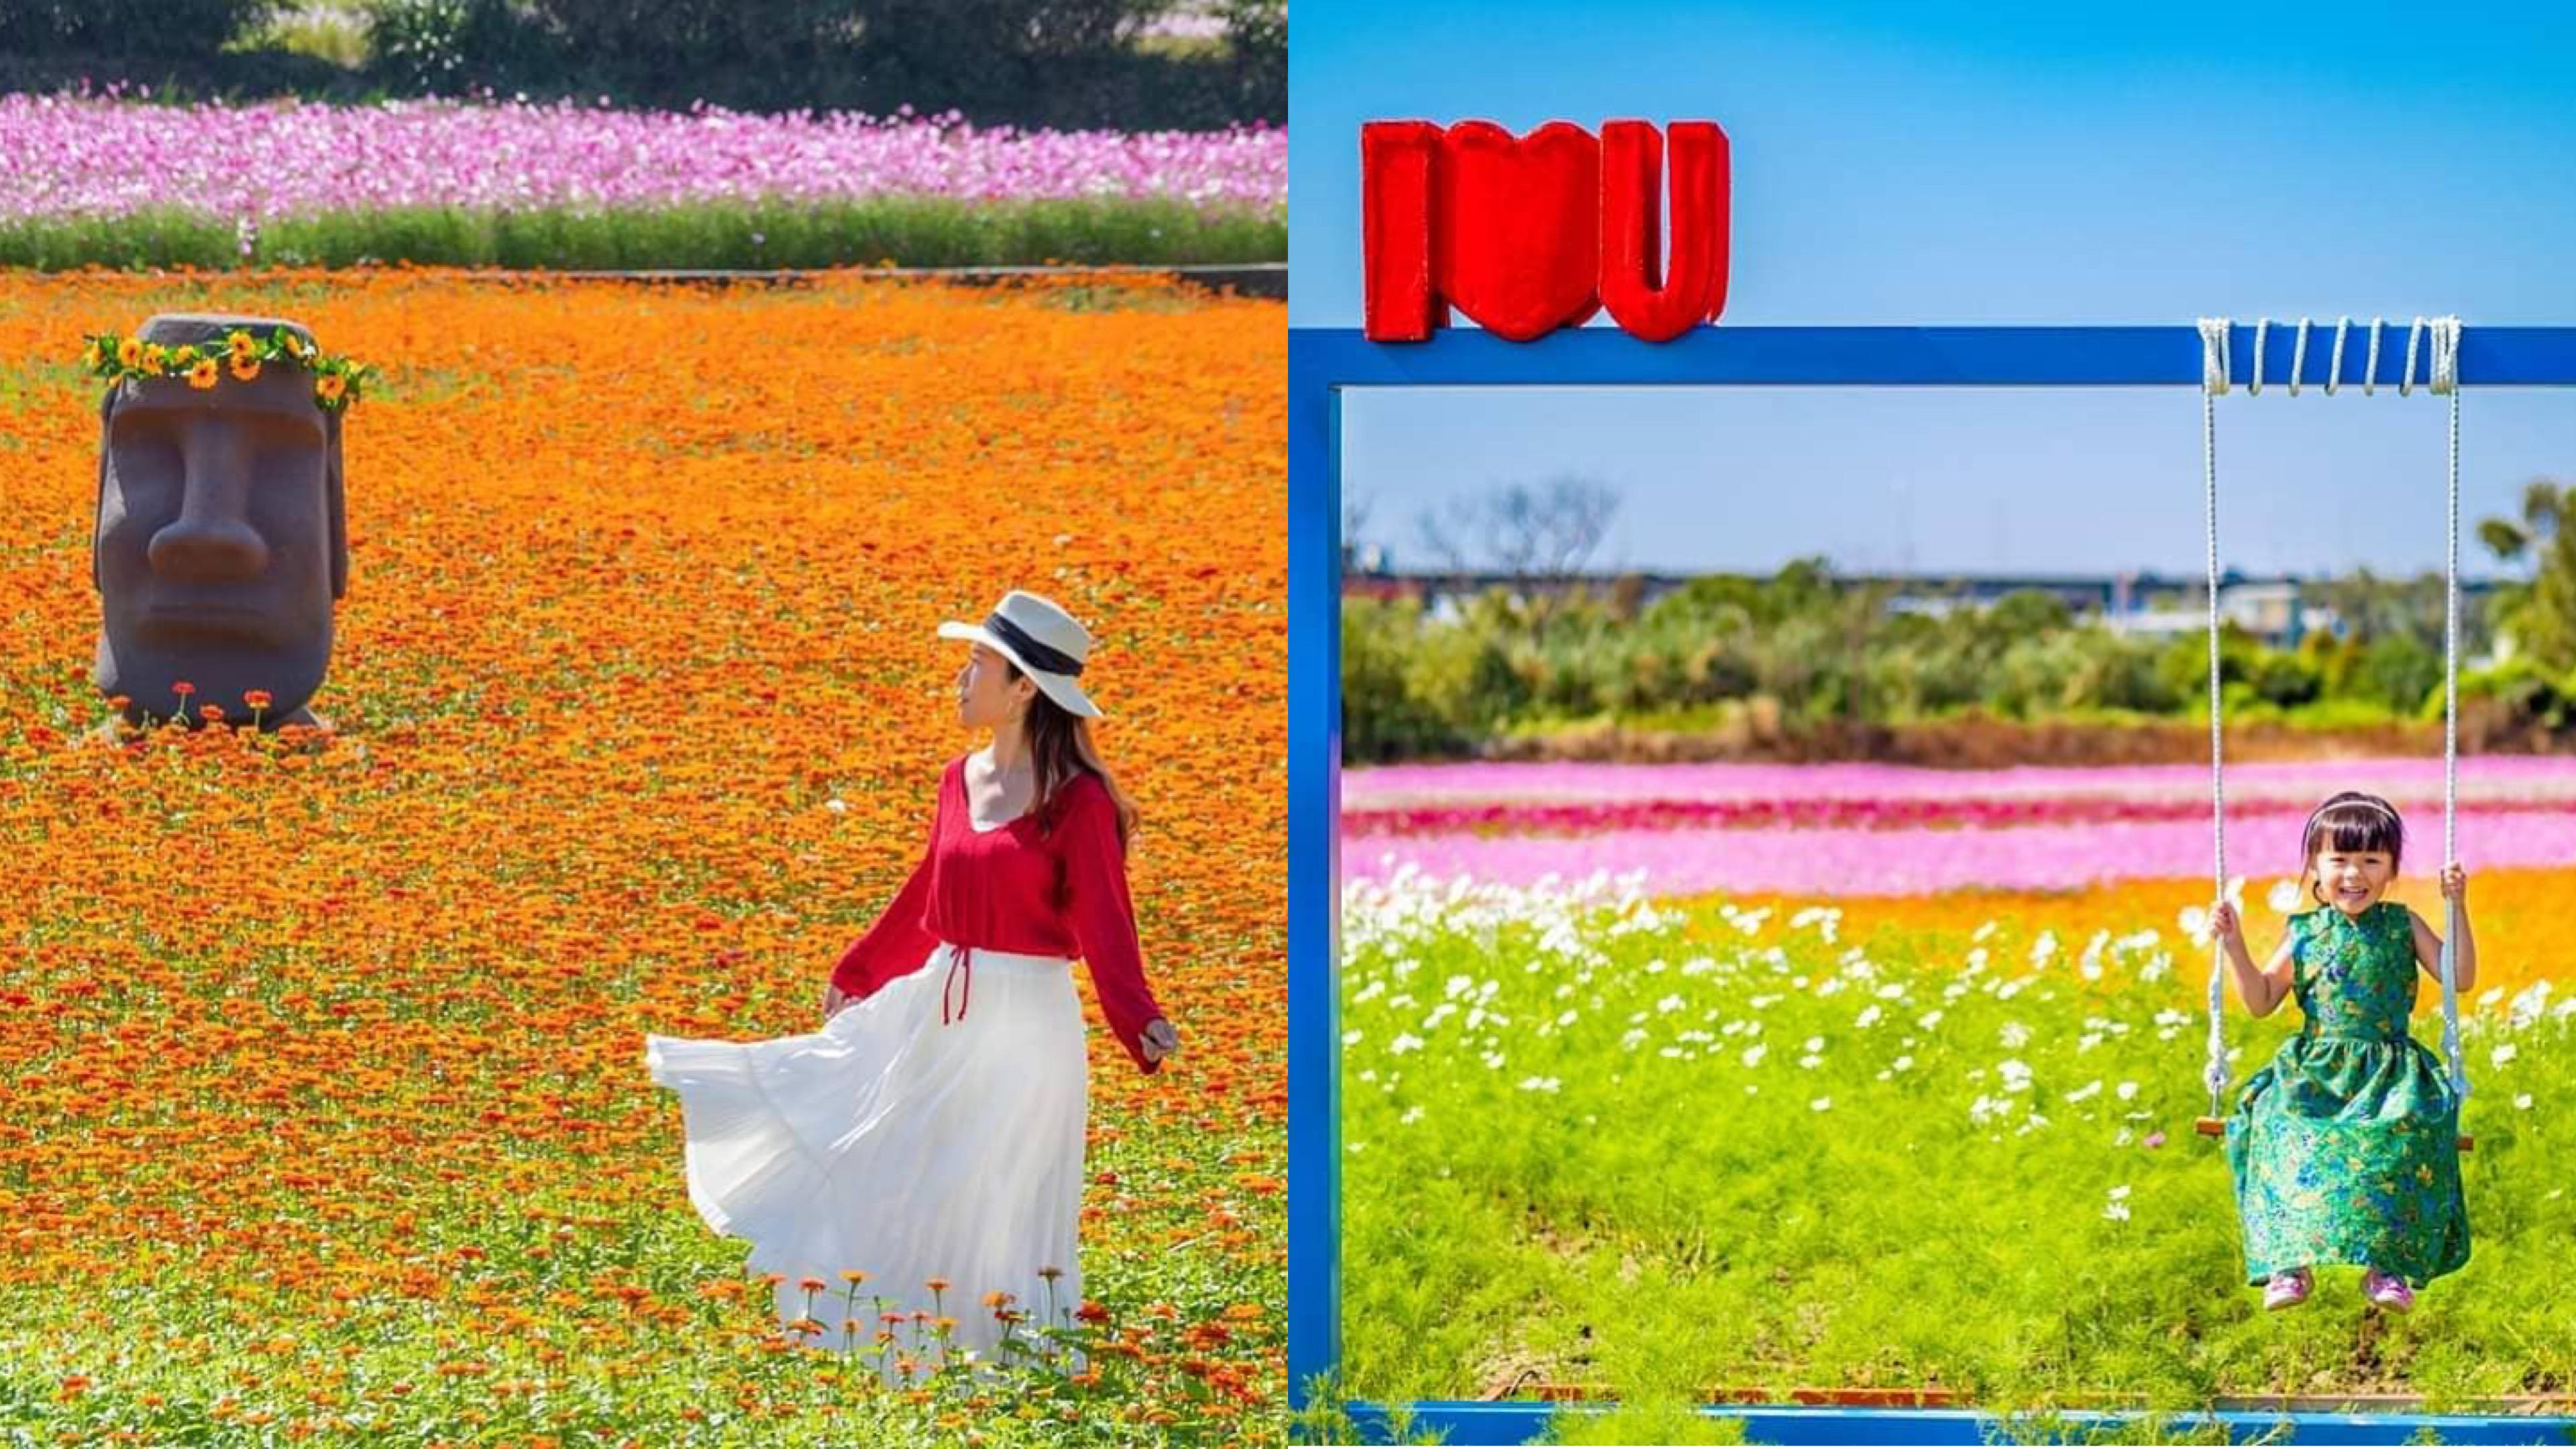 公路旅行的浪漫!搭桃園客運拍好拍滿花彩節浪漫花海